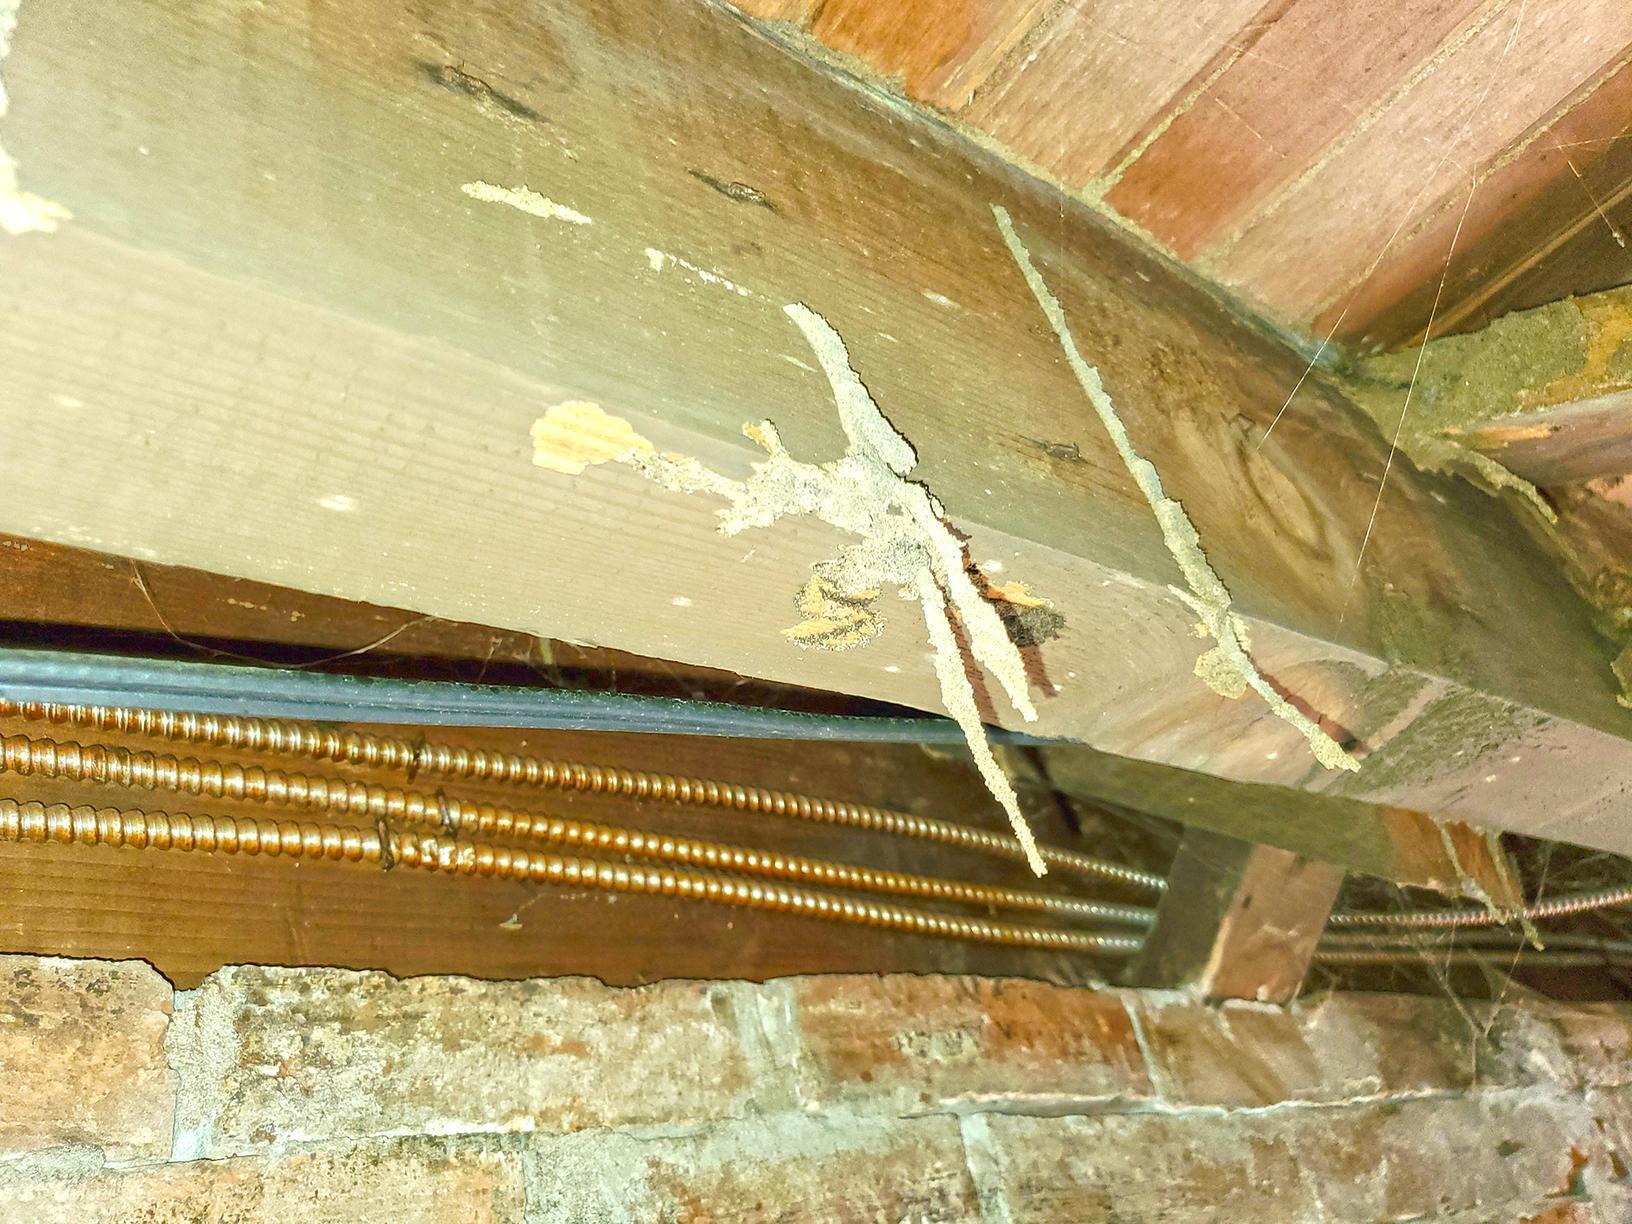 Exterminated Termites